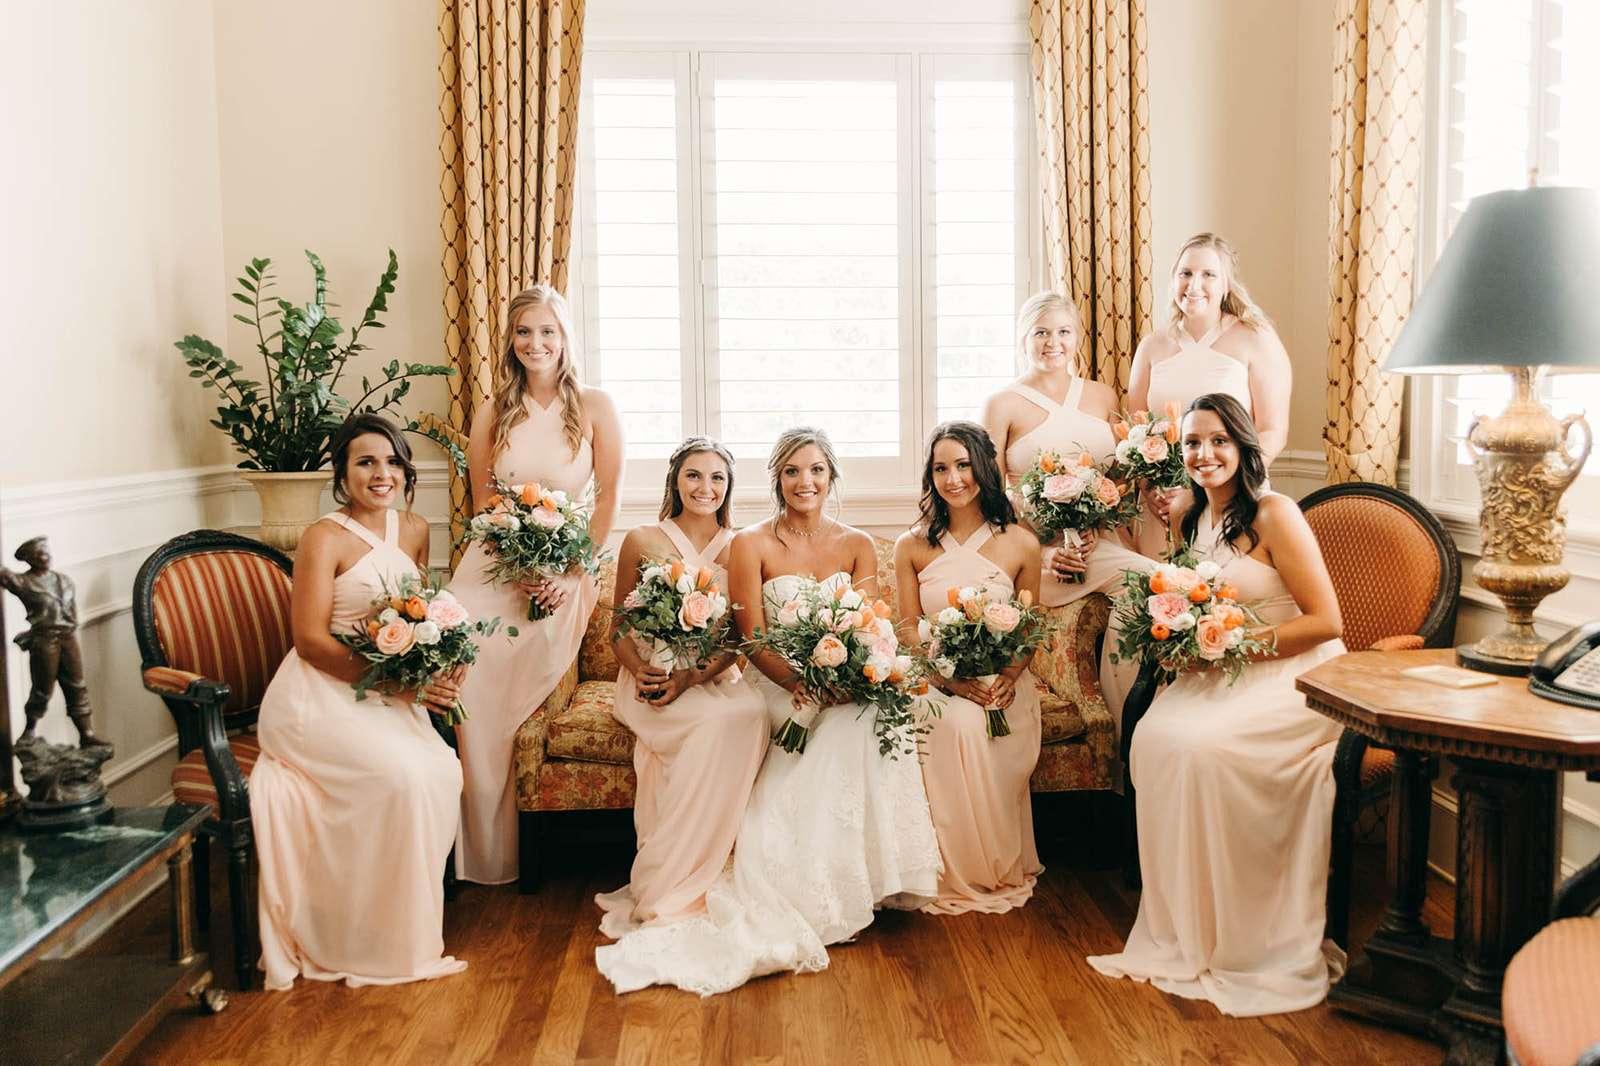 Bridesmaids at River house wedding